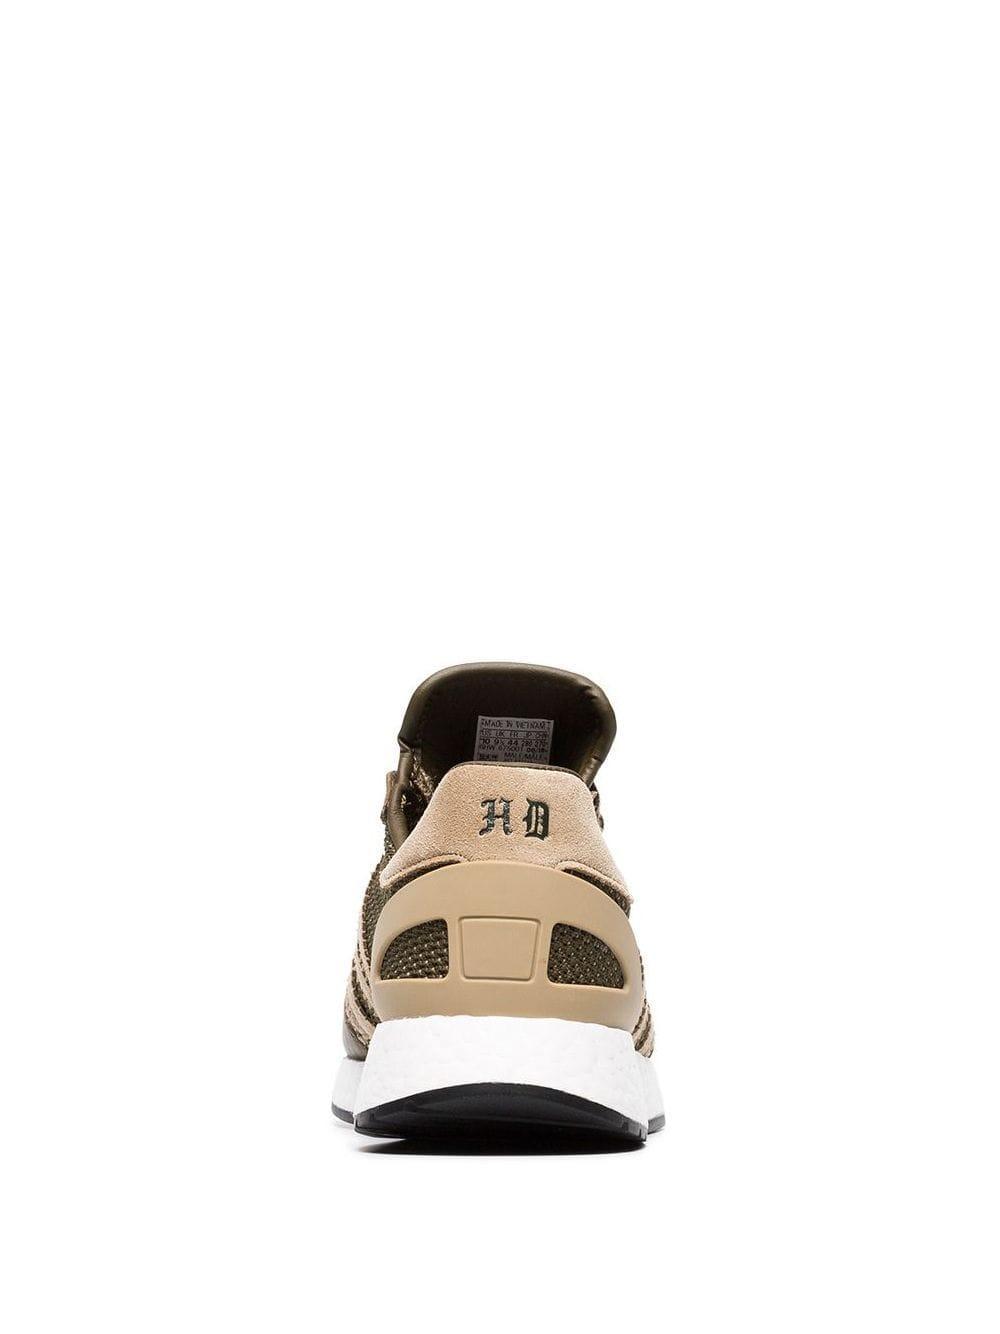 adidas Suède X Neighborhood Adi 1-5923 Sneakers in het Groen voor heren